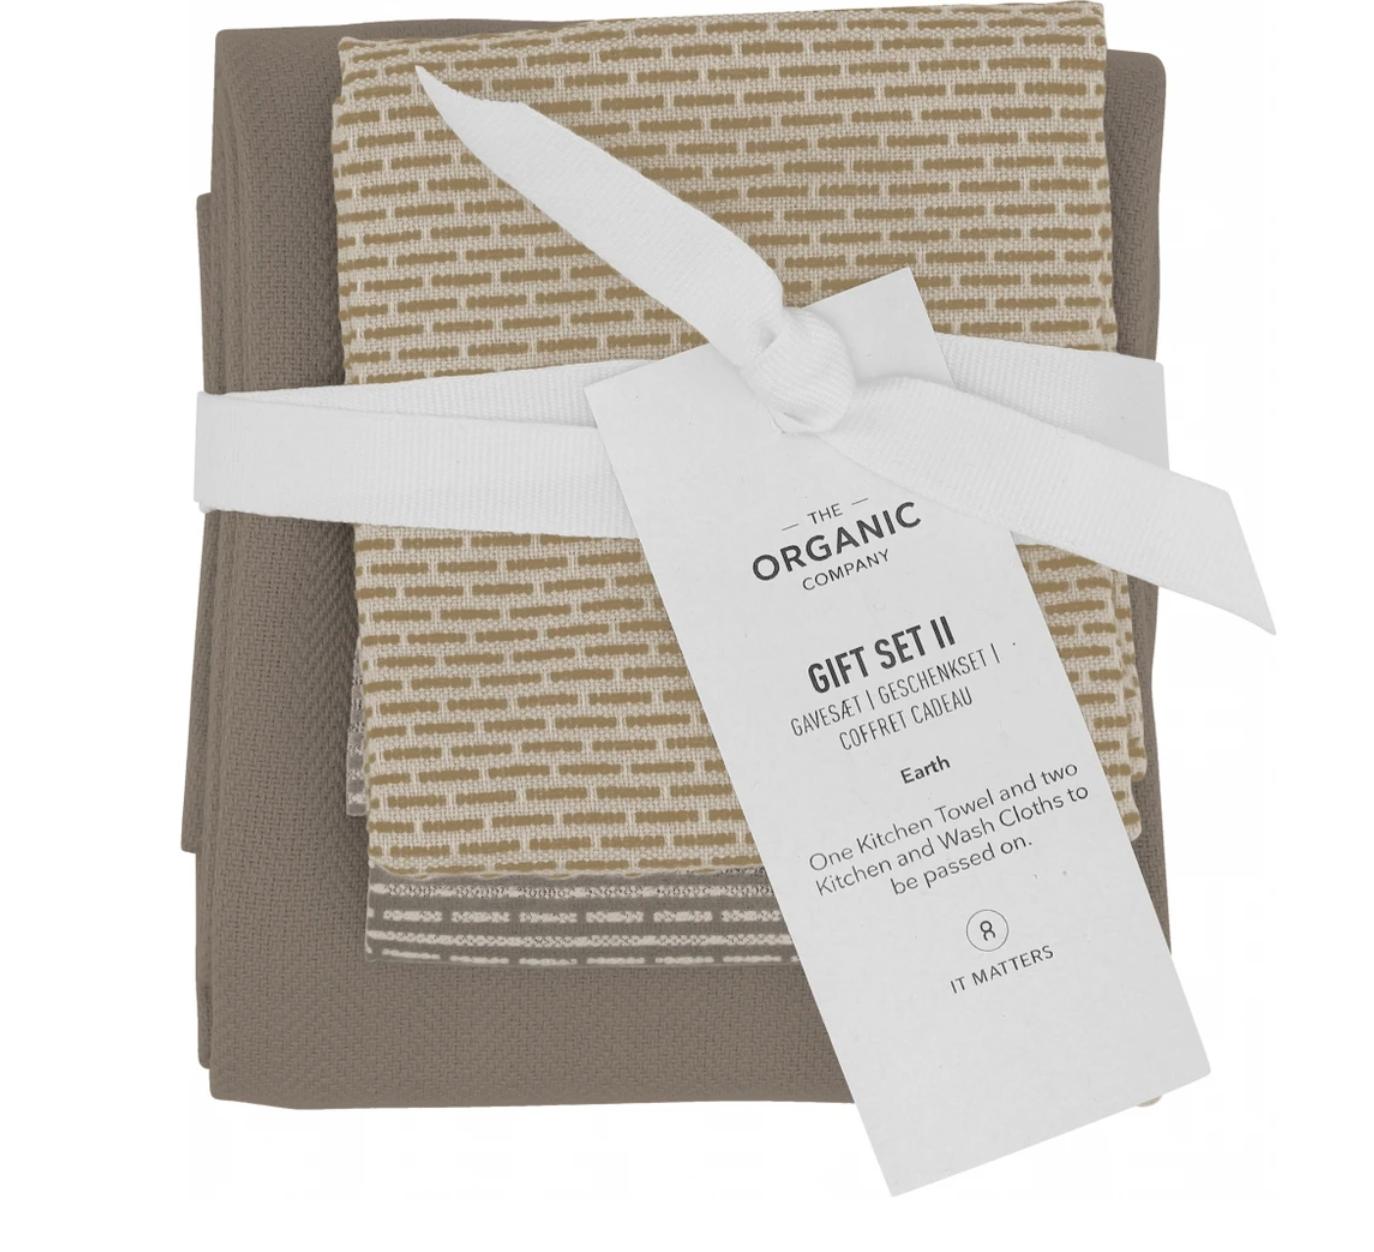 Set Handdoek & 2 Afwasdoekjes - Aardekleuren - The Organic Company-1